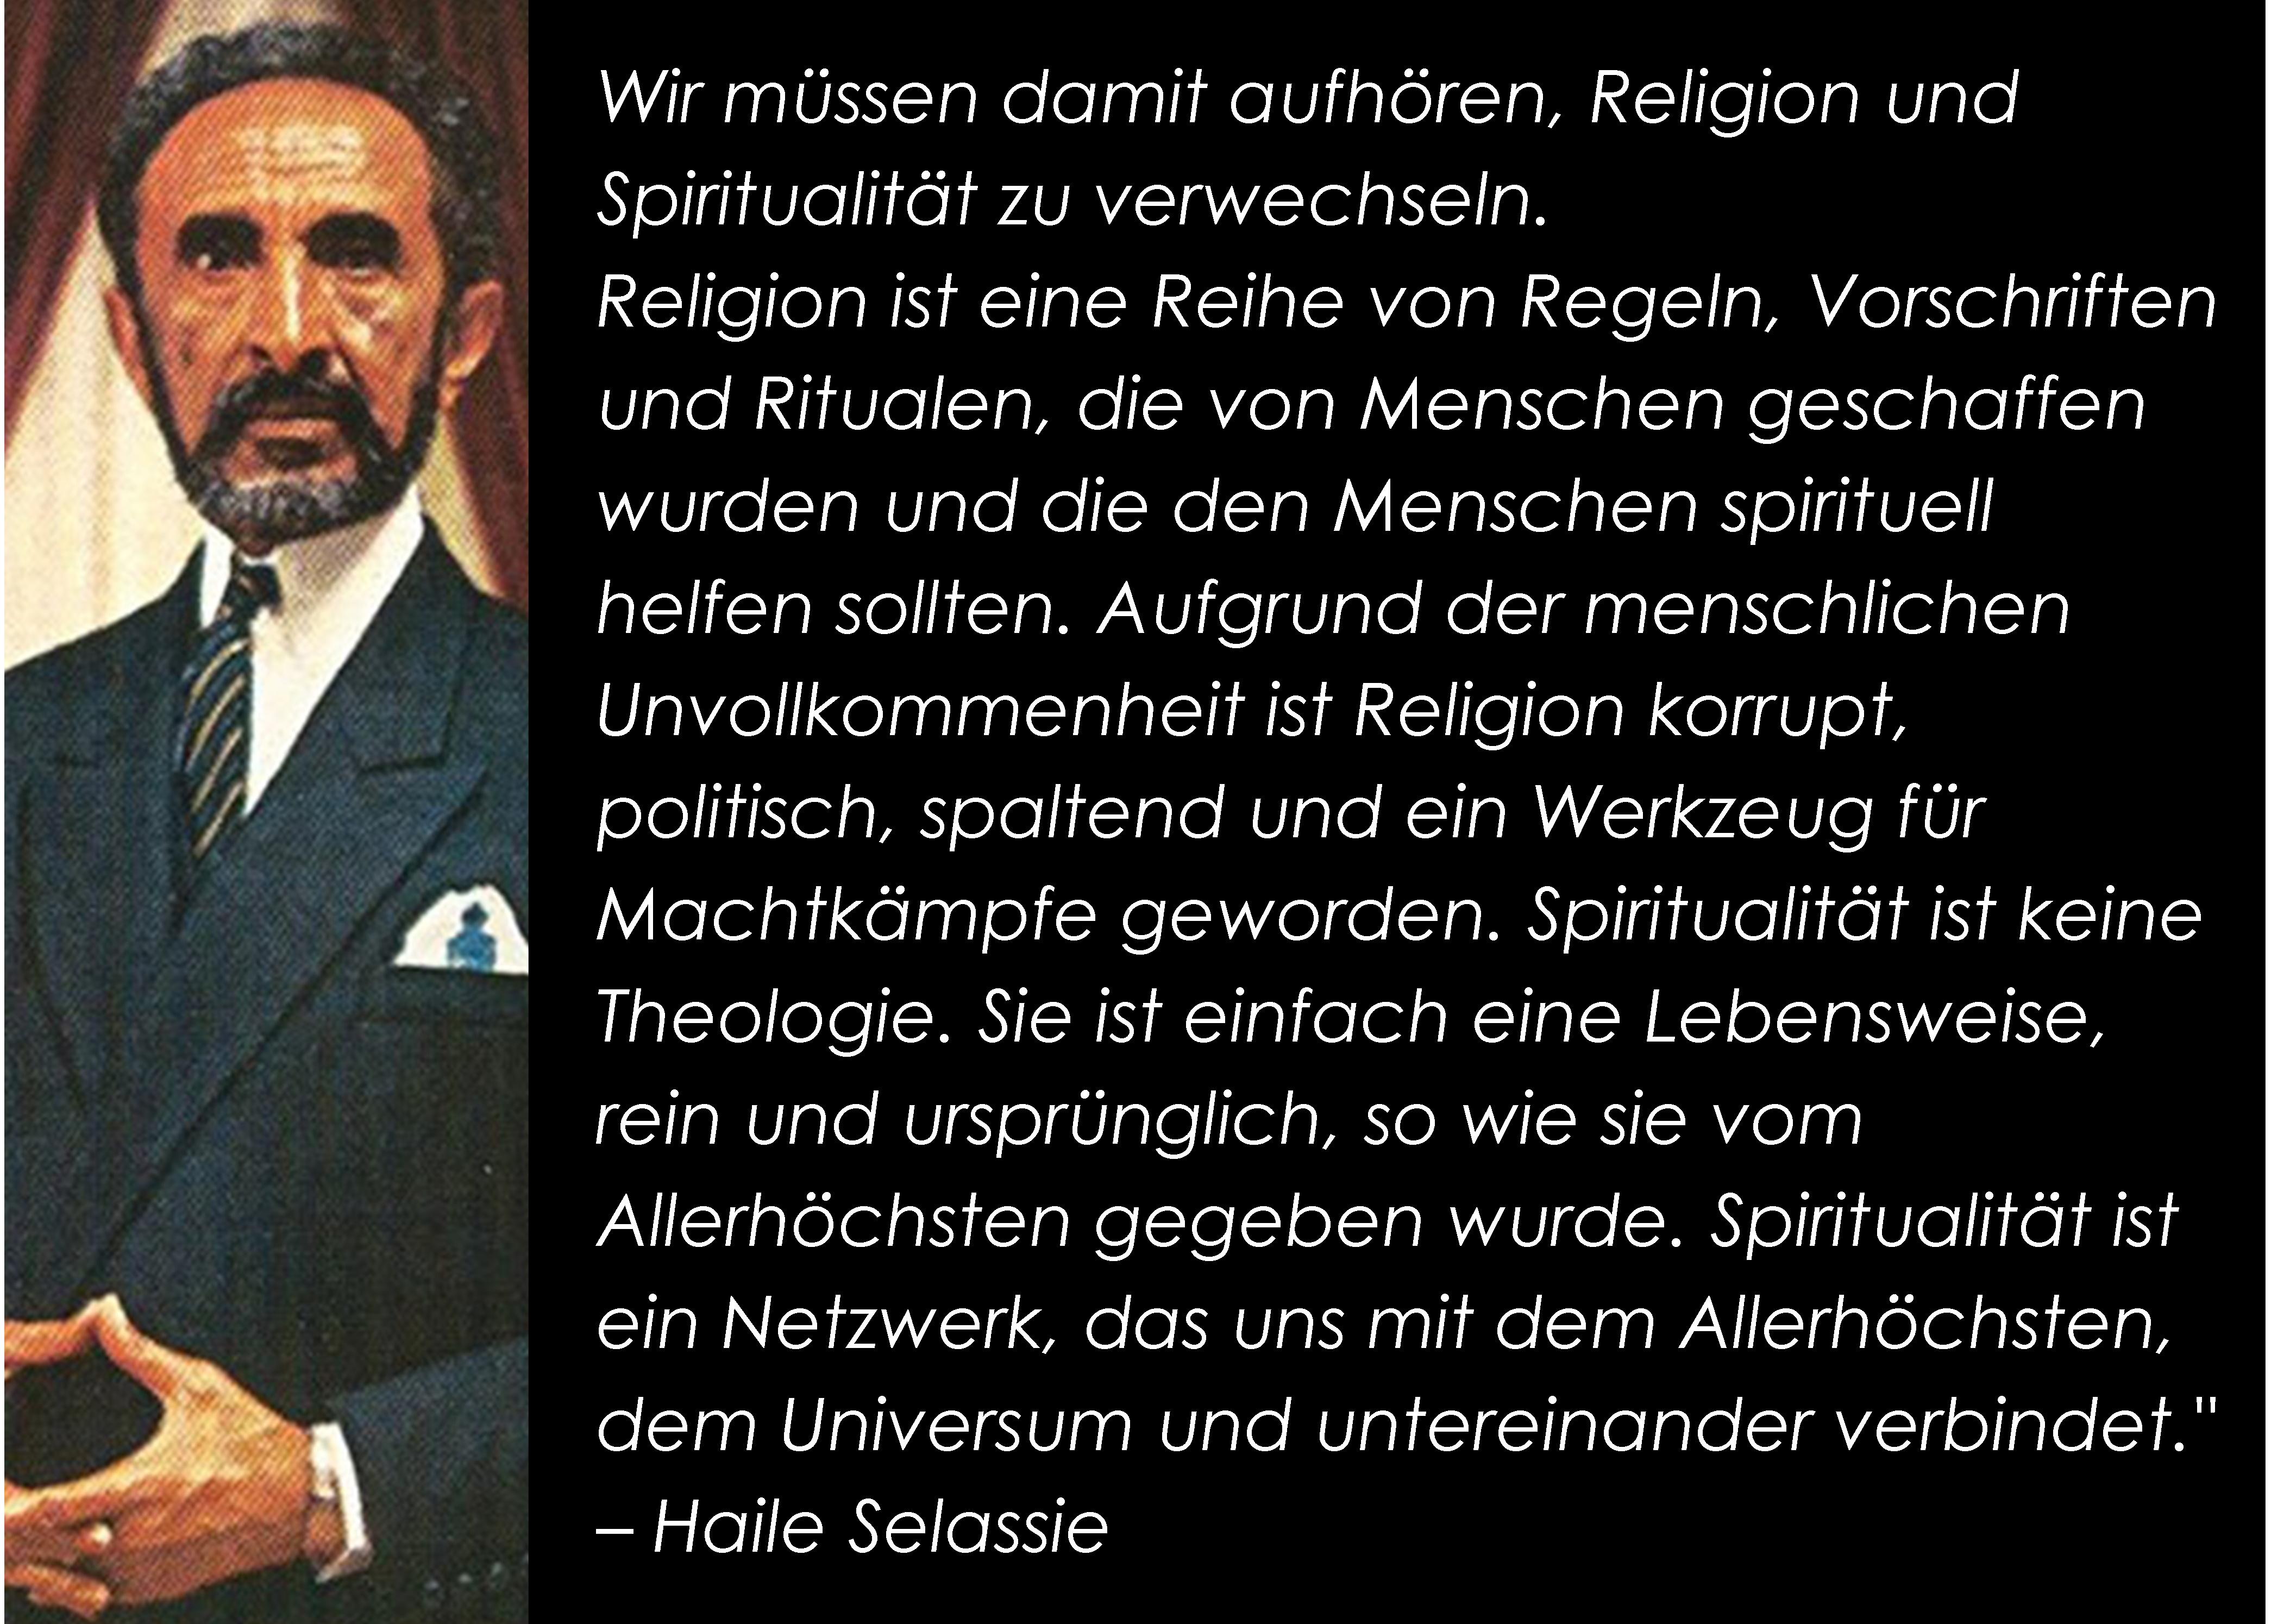 religion-spirituality-dt